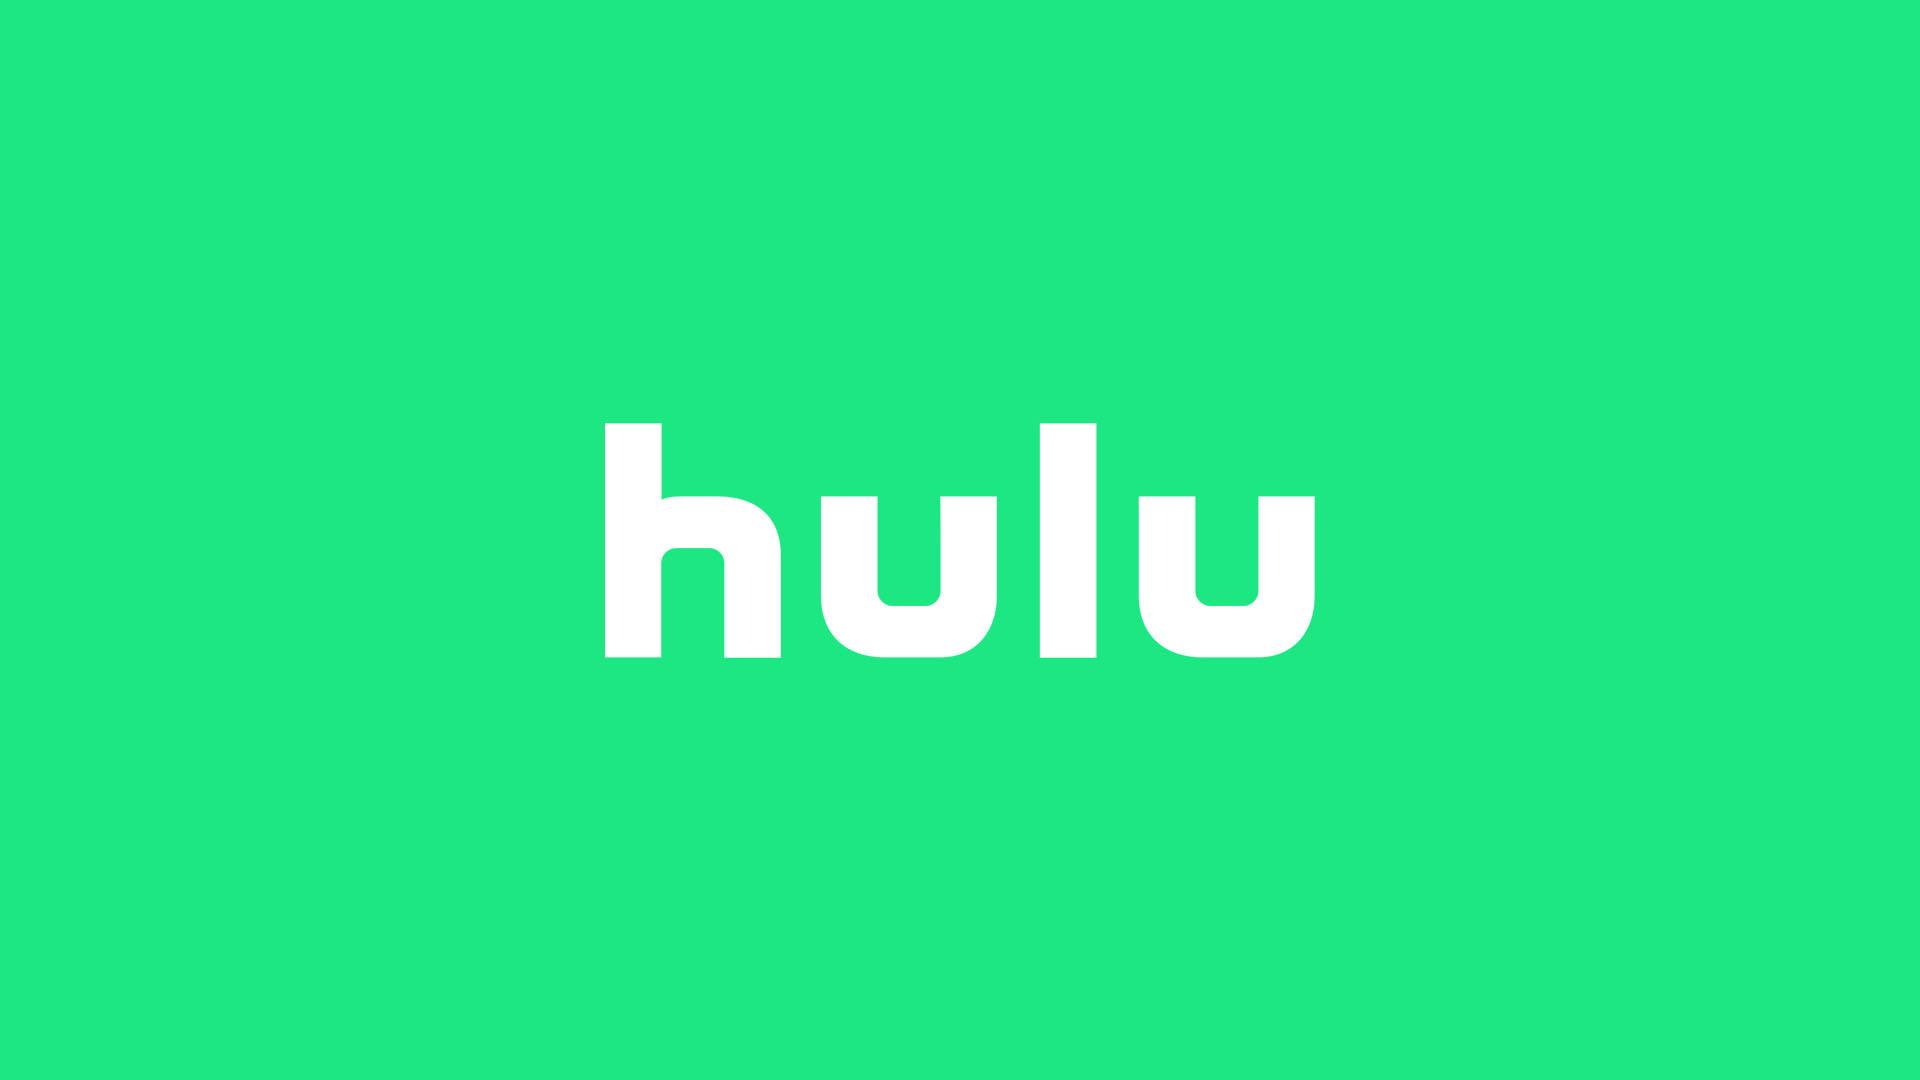 HULU_COUNTDOWNArtboard 9.jpg